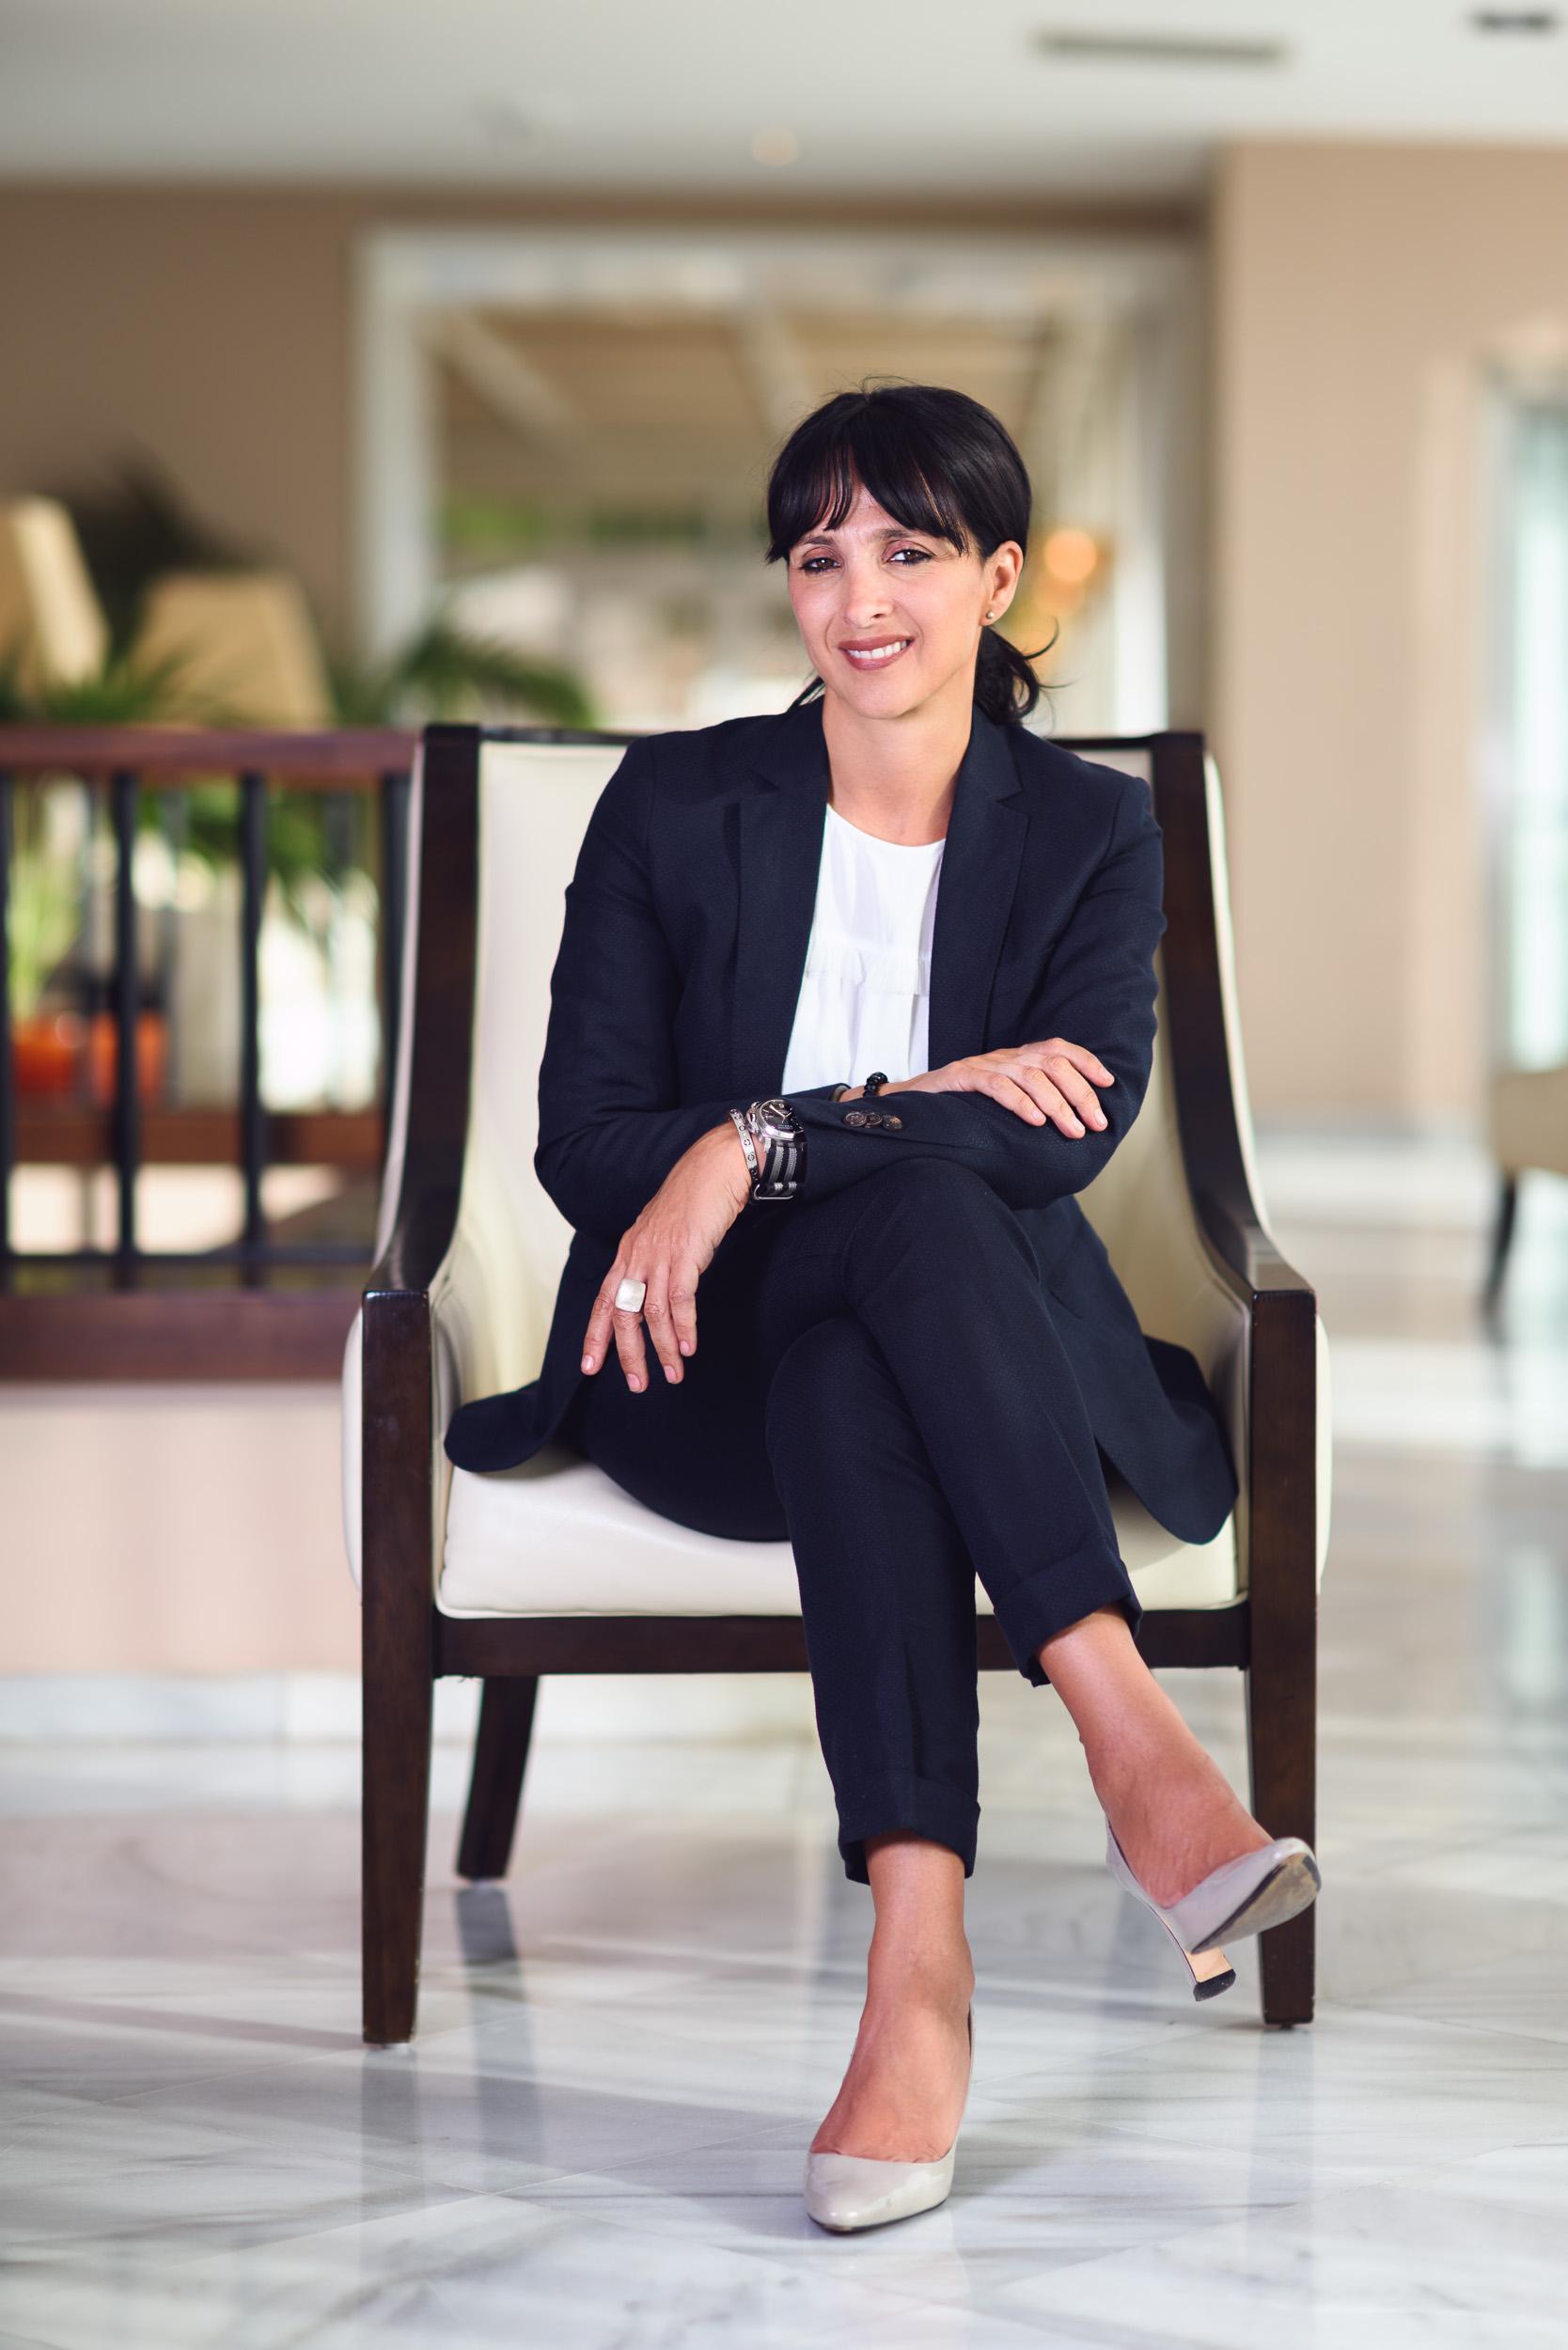 marlene hassan nahon - Leader of Together Gibraltar Party